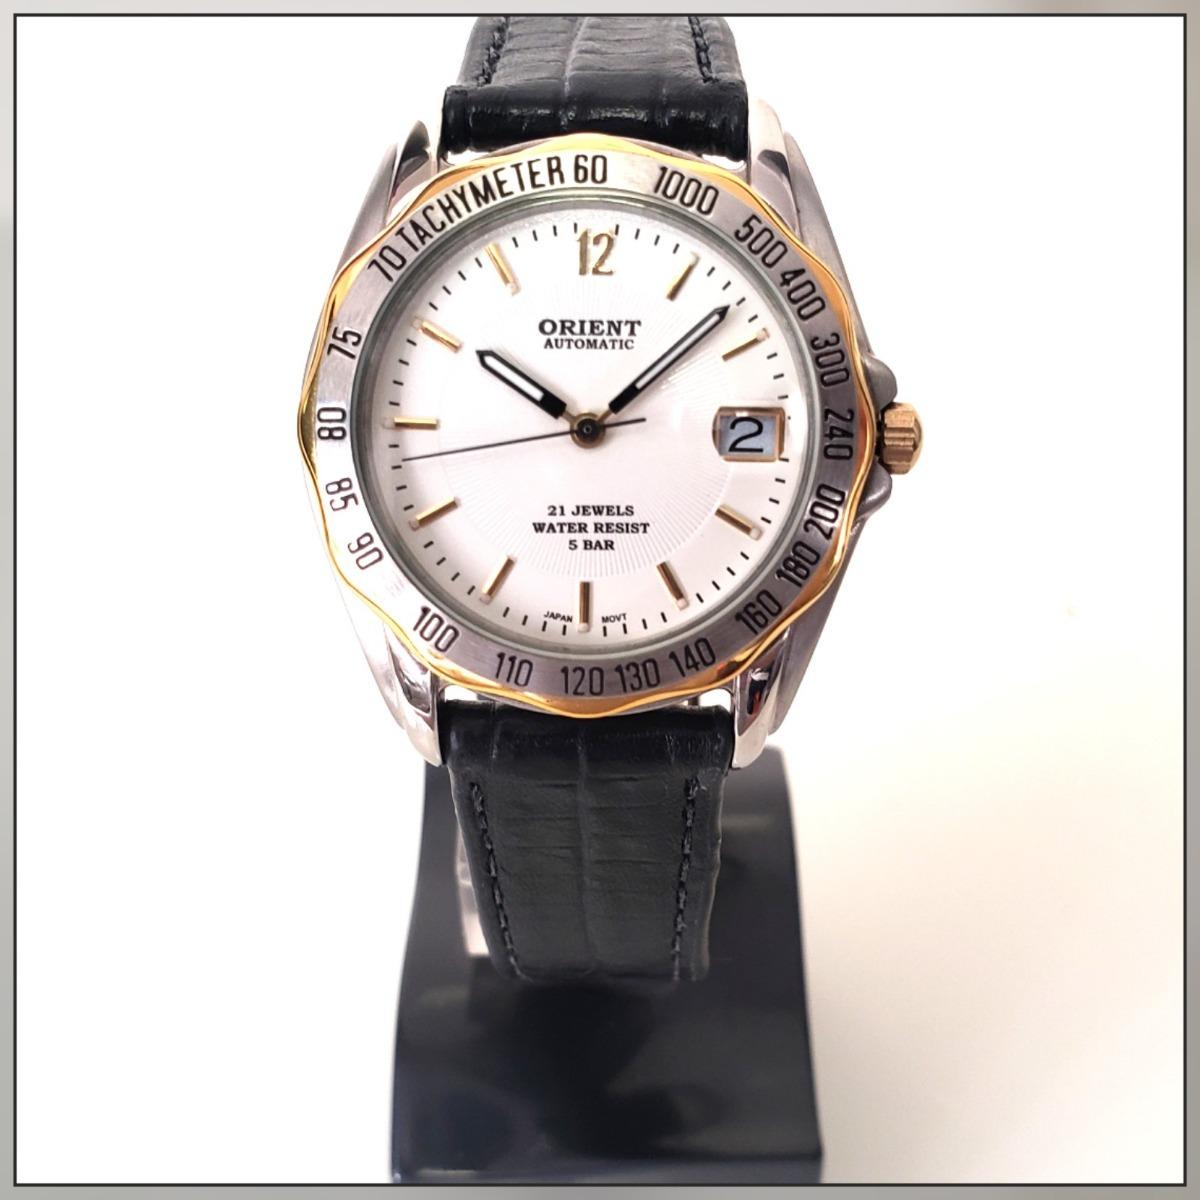 bb960e8b75f Relógio Pulso Masculino Automático Fundo Branco Data Orient - R  479 ...